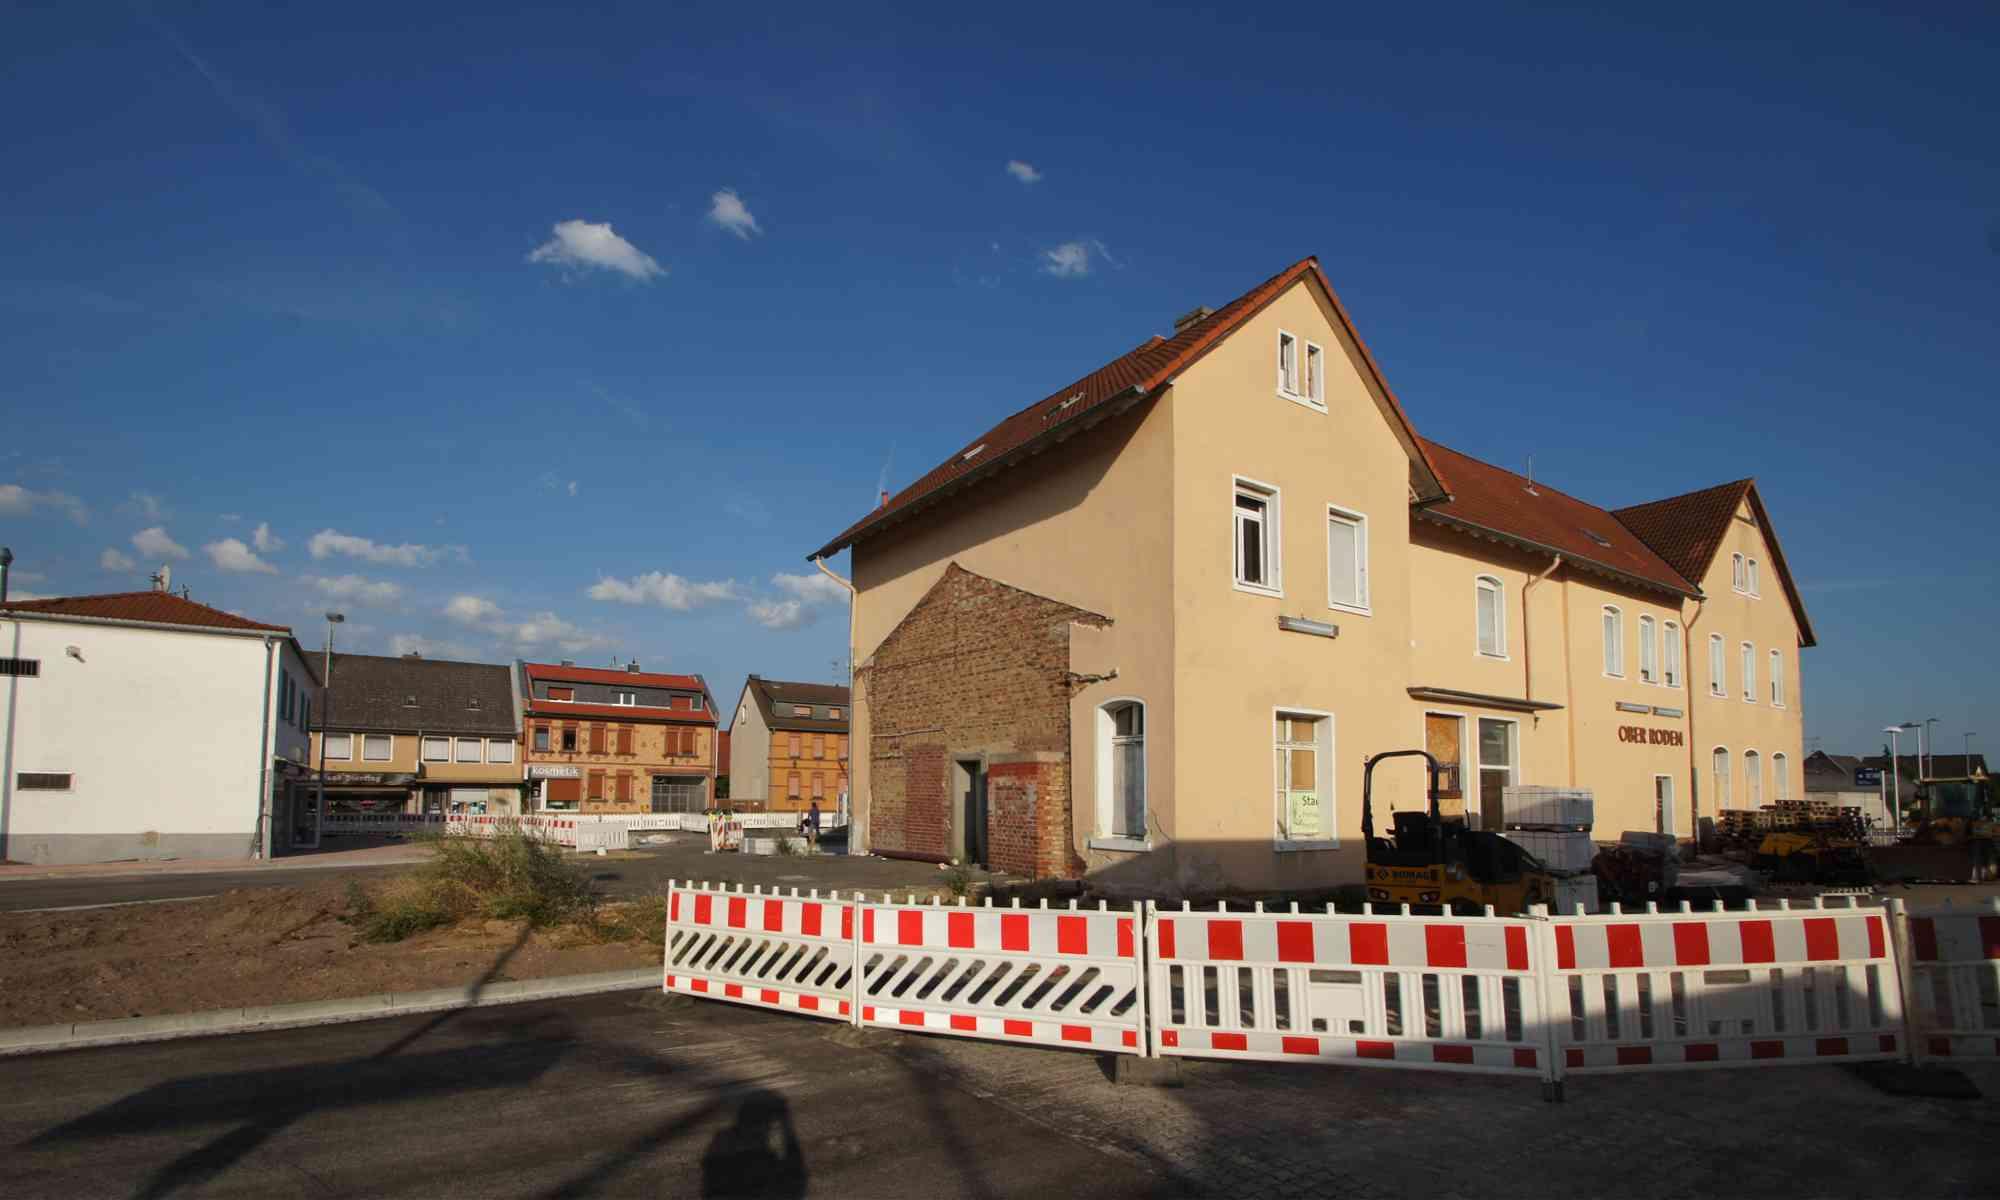 Bahnhof Ober-Roden während der Sanierung